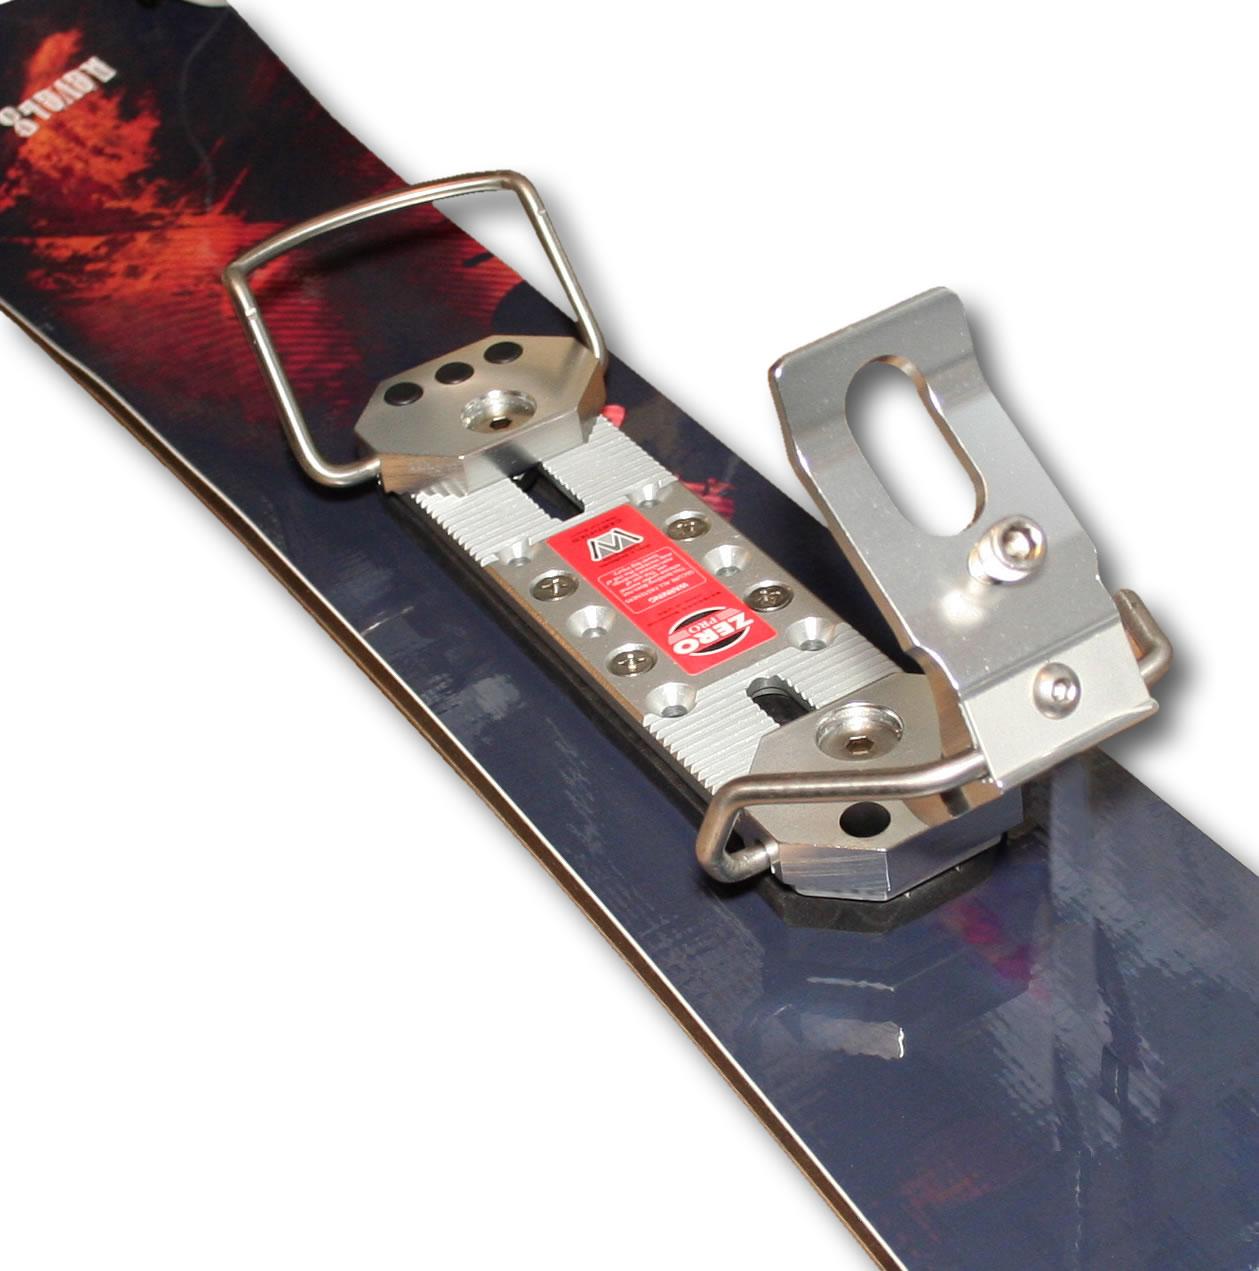 Skiboardsonline Com Zero Pro Silver Non Release Skiboard